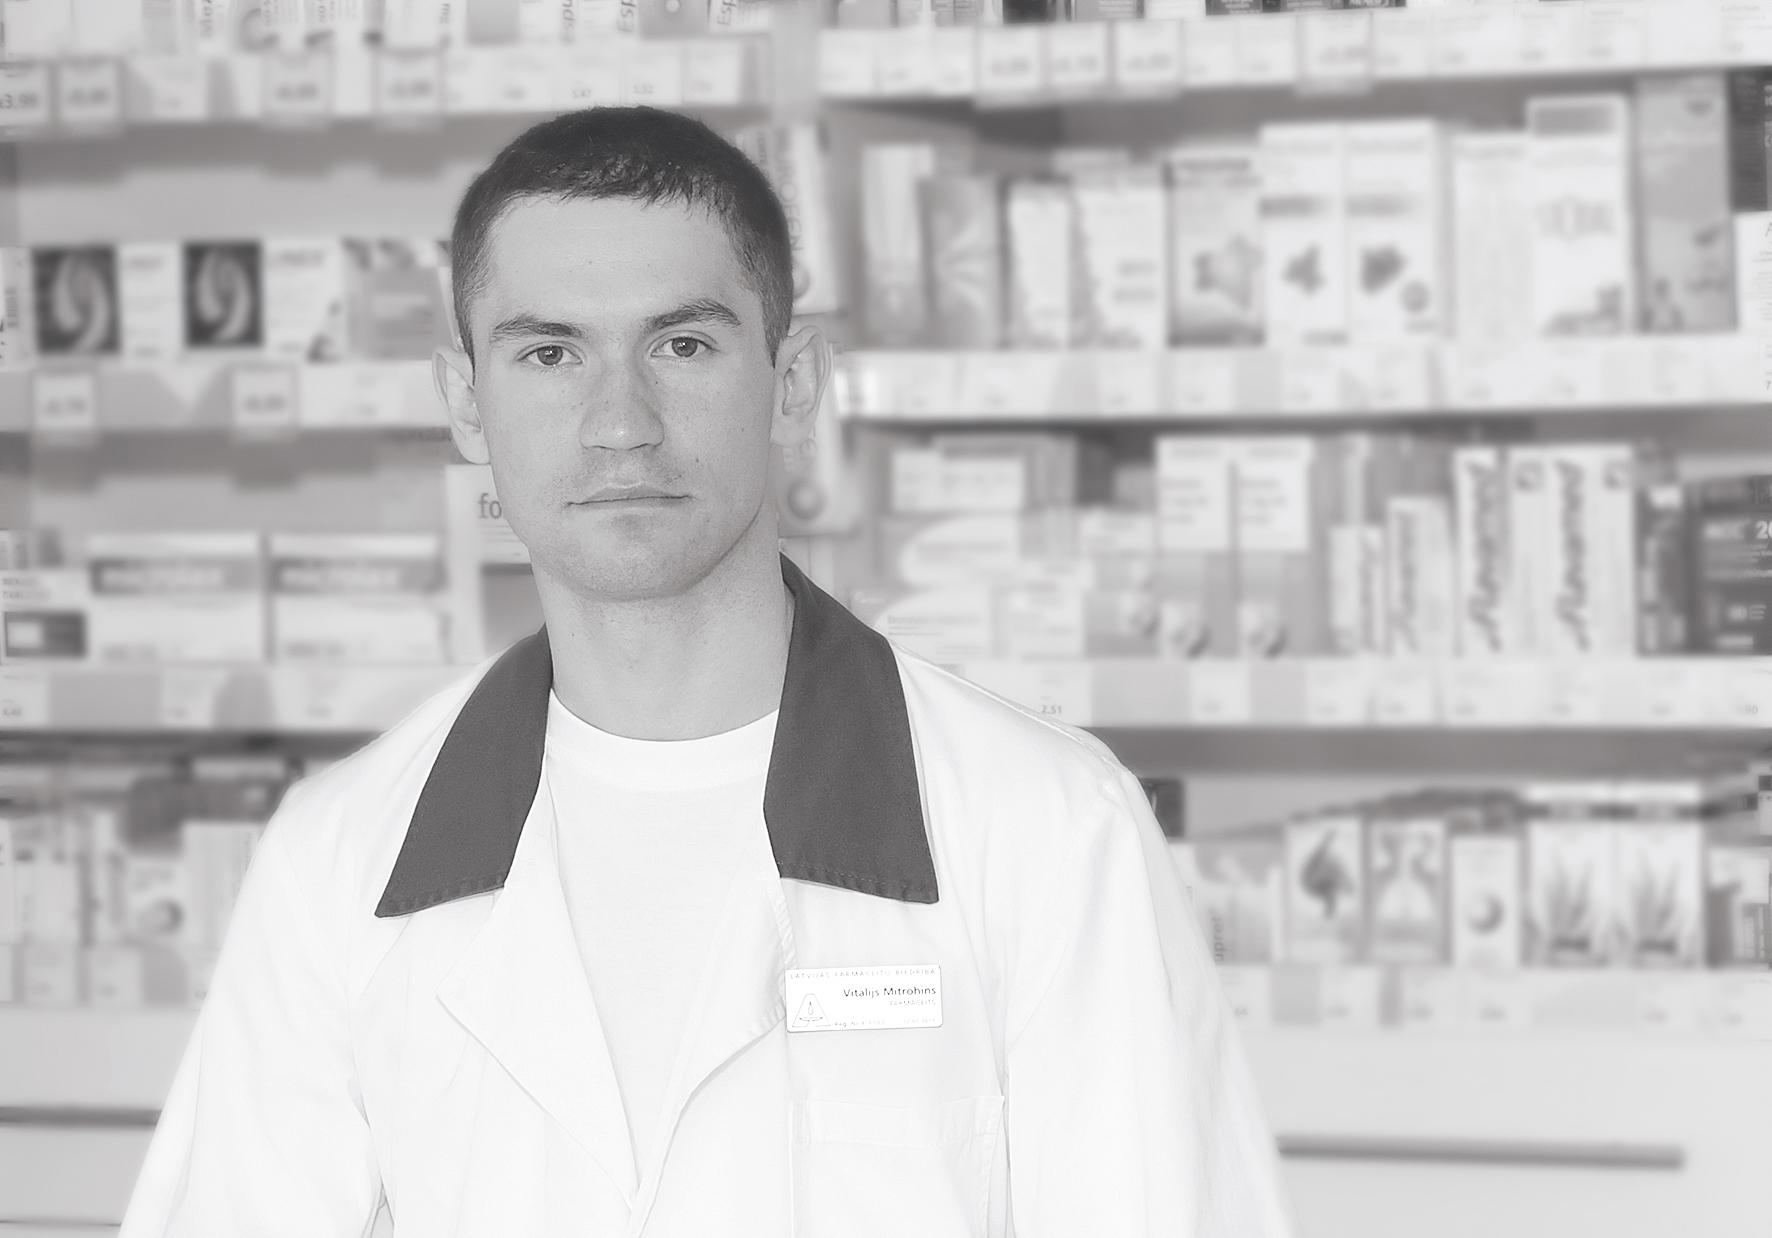 Vitālijam MItrohinam  karjeras pakāpieni  sekoja cits citam:  vispirms viņš bija  farmaceita palīgs,  veica pavisam  vienkāršus darbiņus,  sākot ar telpu  uzkopšanu un  beidzot ar recepšu  ievadīšanu  datubāzē. Tad  farmaceits, aptiekas  vadītāja vietniek